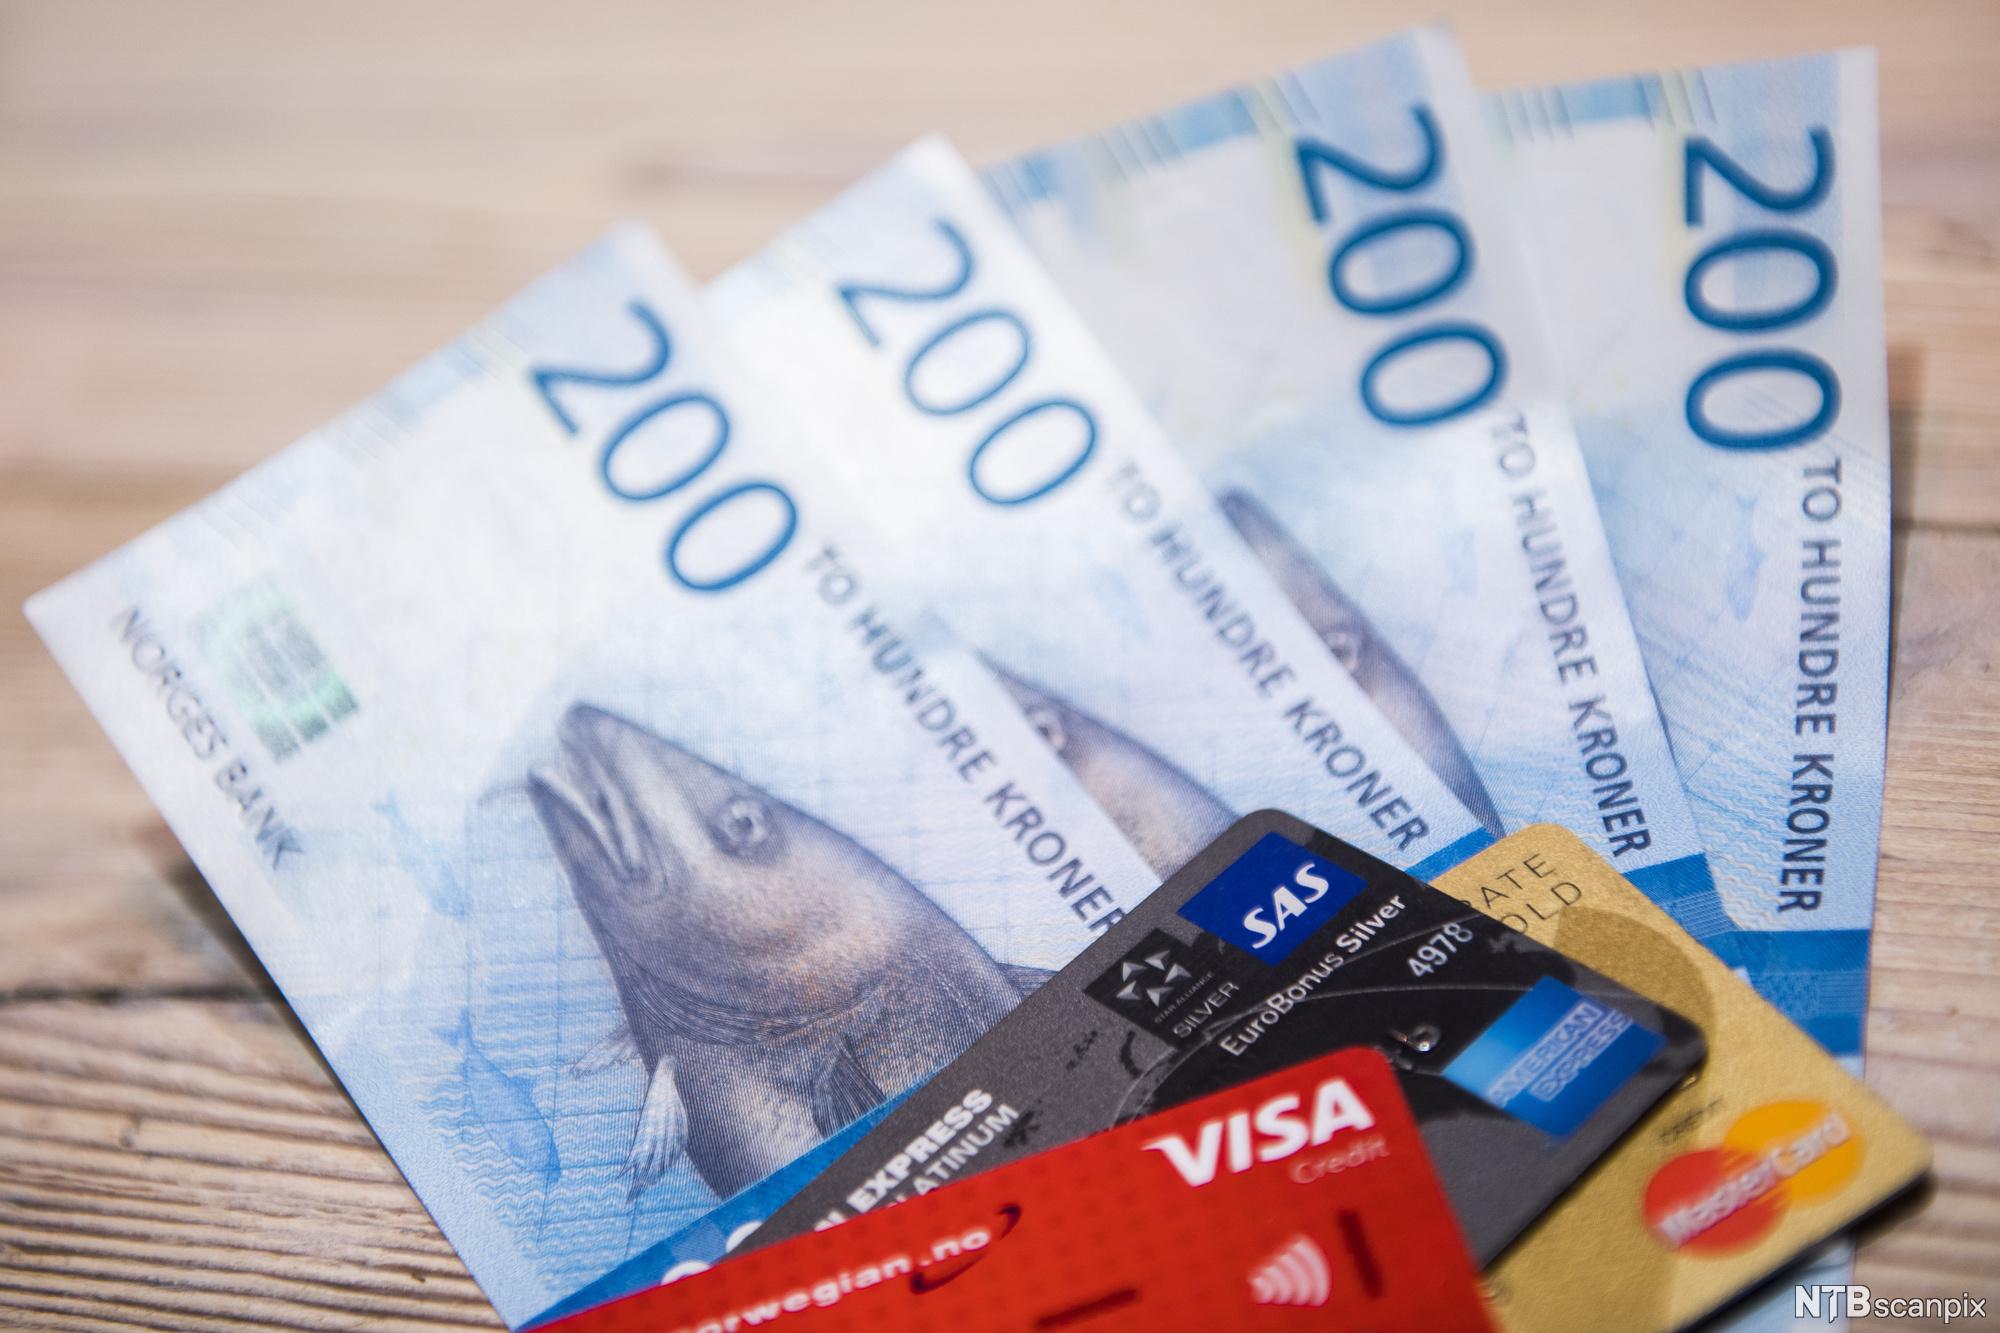 Pengesedler og kredittkort. Foto.